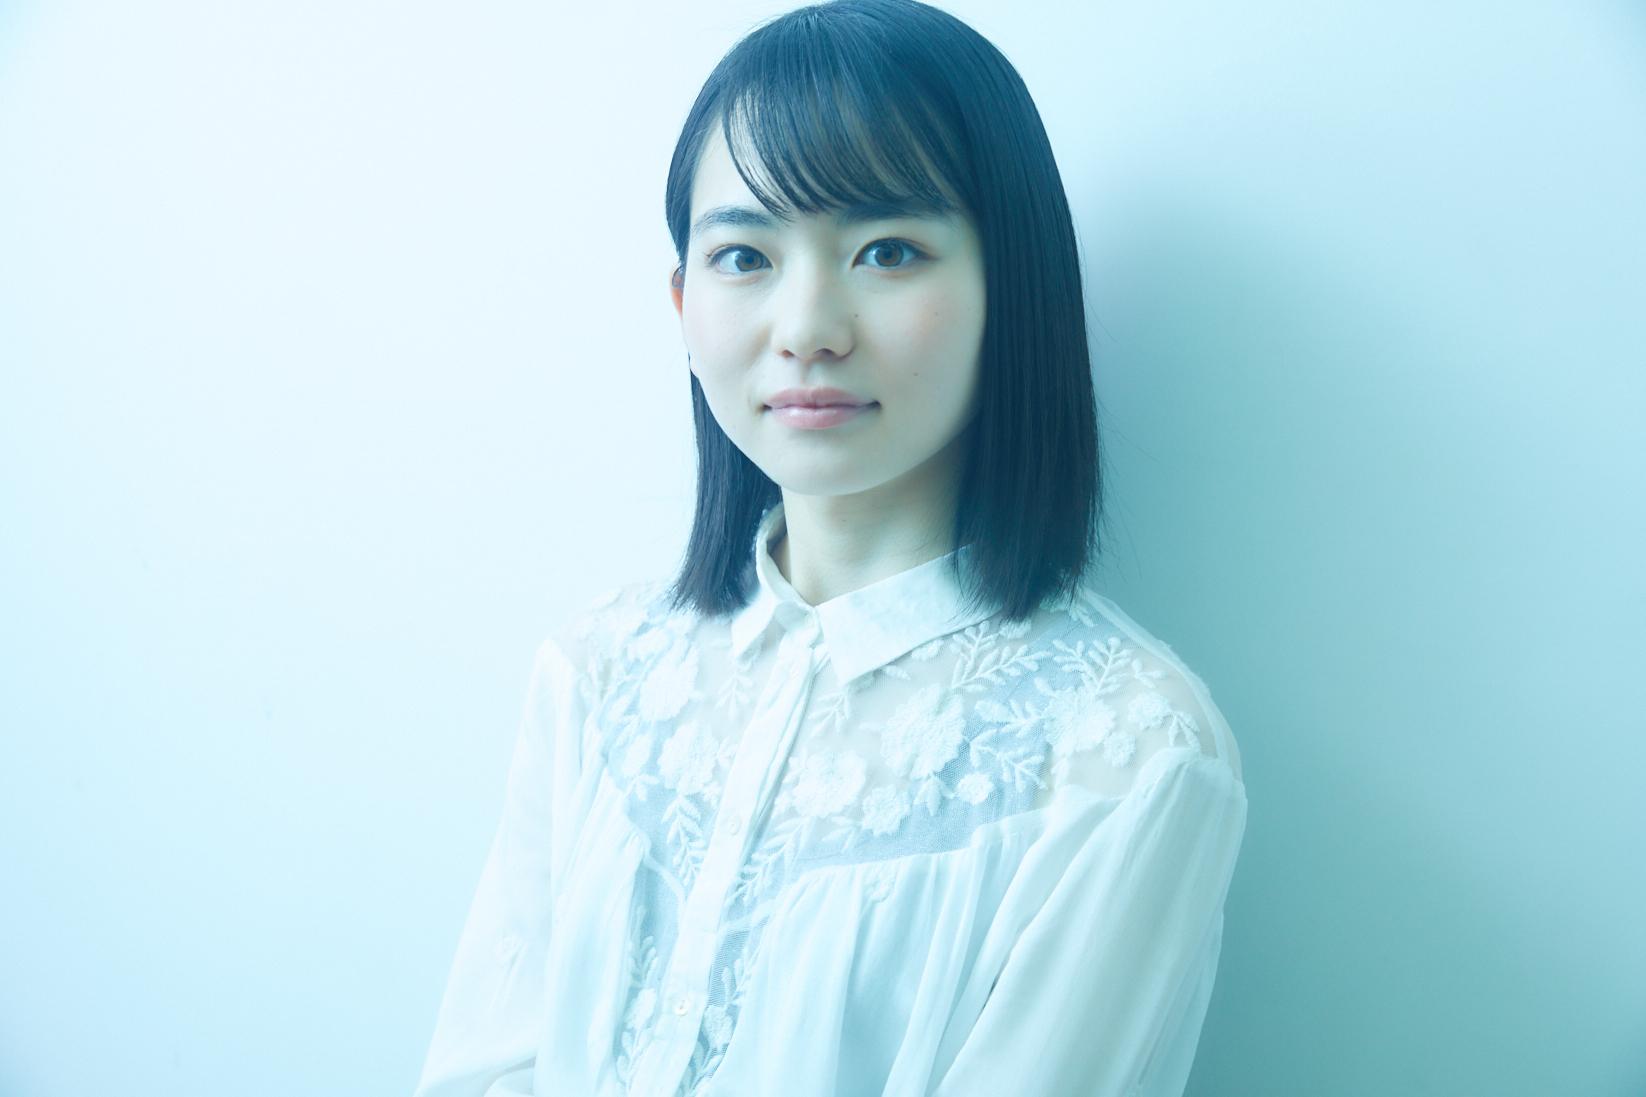 17歳の山田杏奈